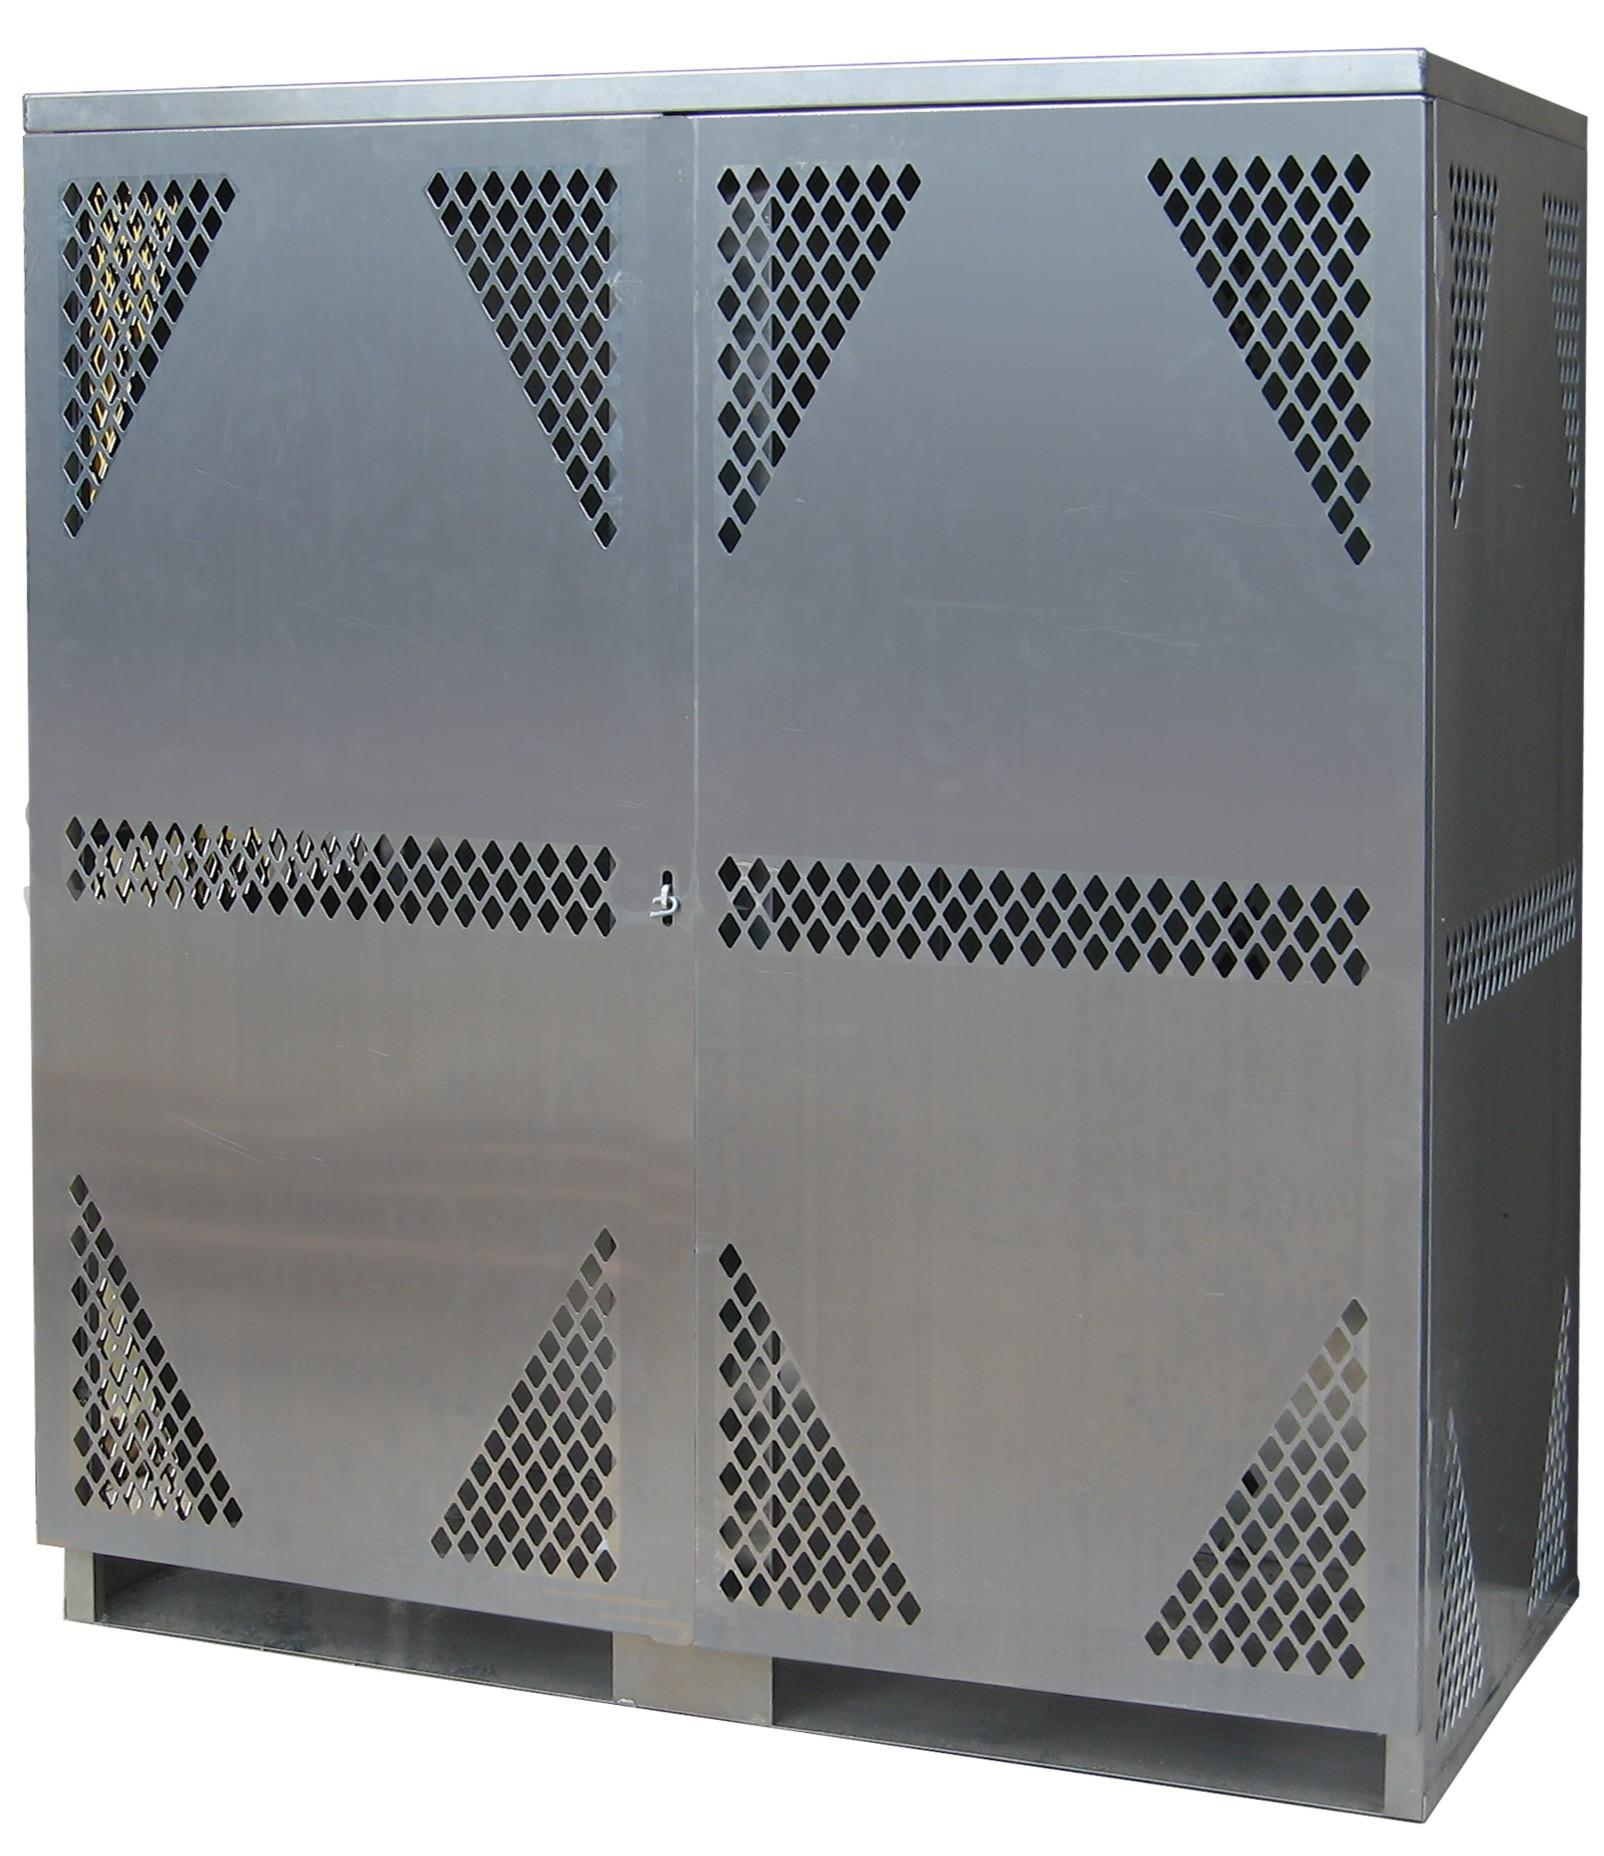 OG20 - LP/Oxygen Storage Cabinet - 10-20 Cyl. Vertical Standard 2-Door